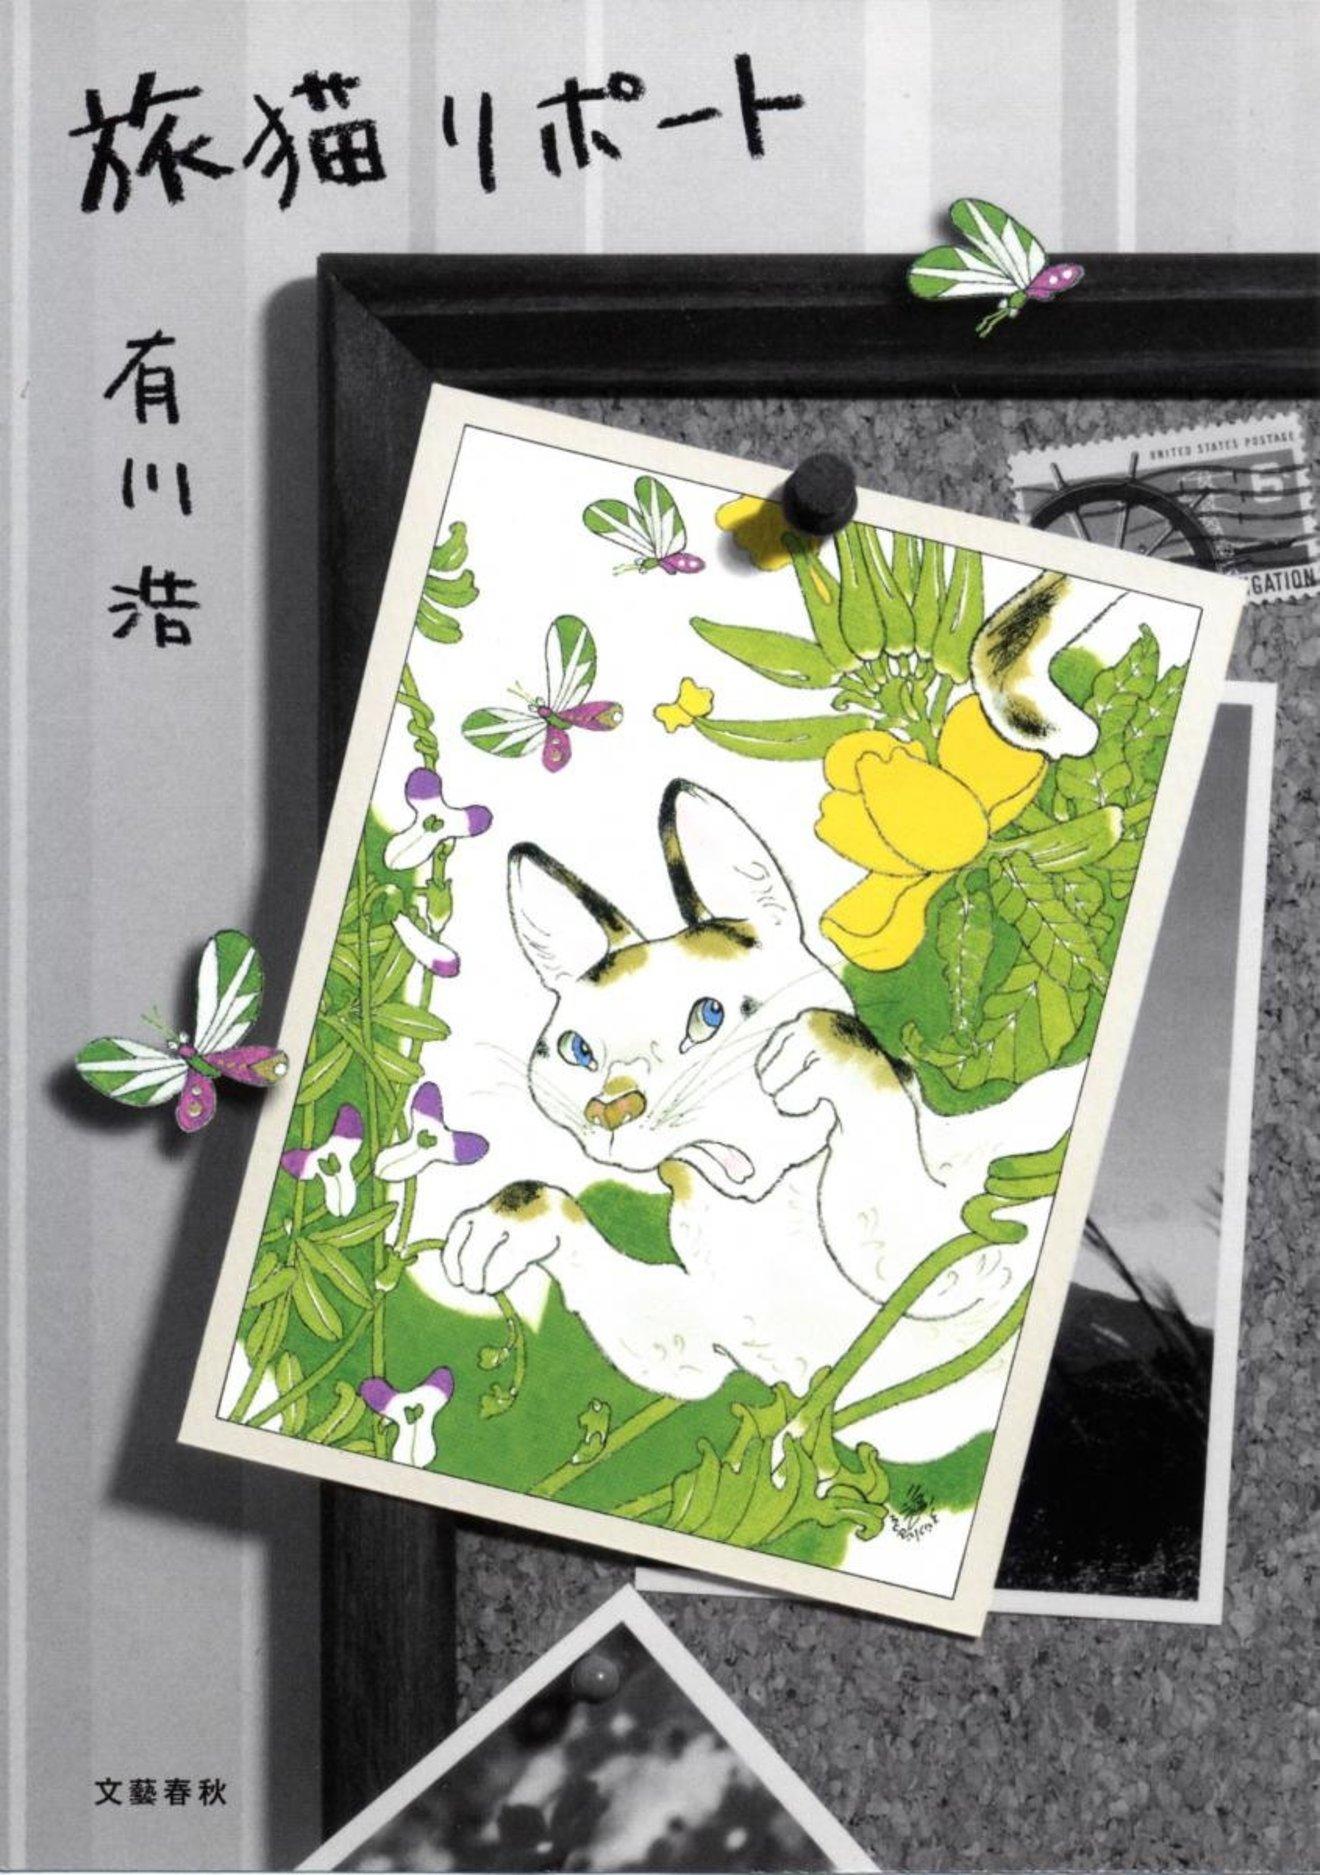 『旅猫リポート』の魅力をあらすじ、作者からネタバレ紹介!泣ける!面白い!